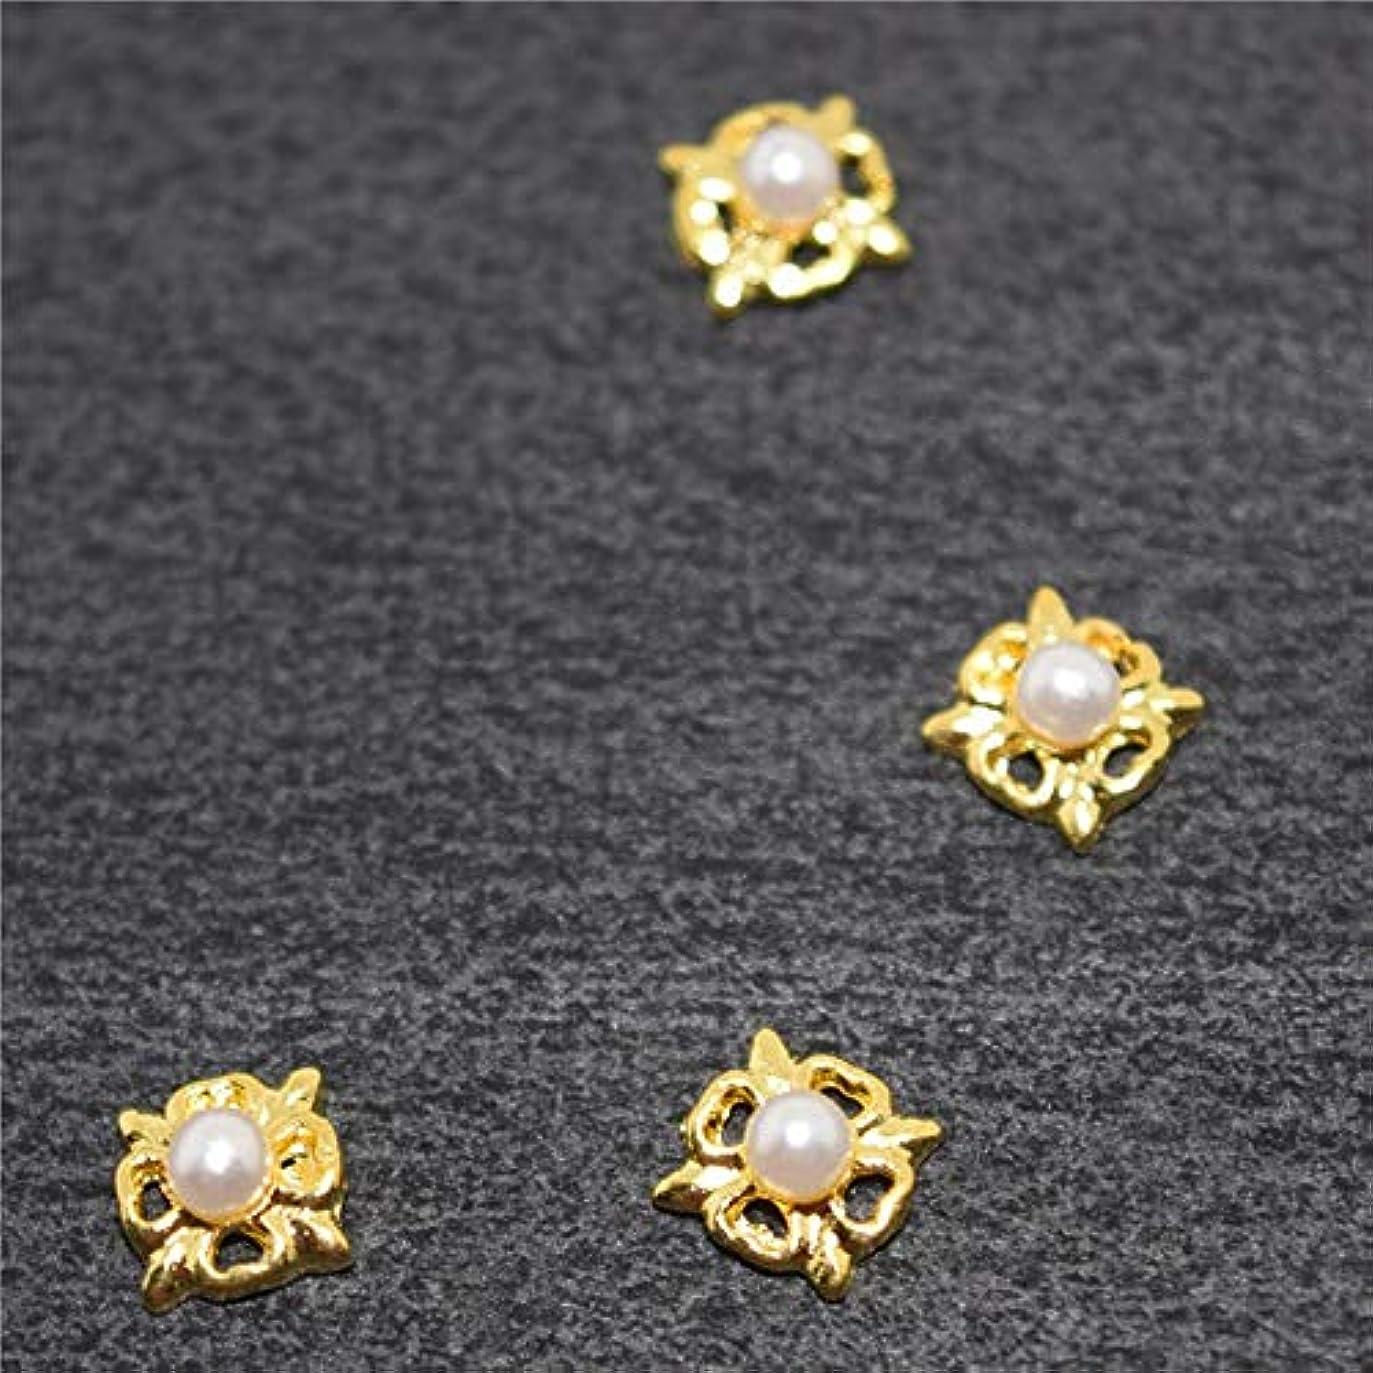 確実モック人10個入りホワイトパールの星3Dネイルアートの装飾合金ネイルチャームネイルズラインストーンネイル用品